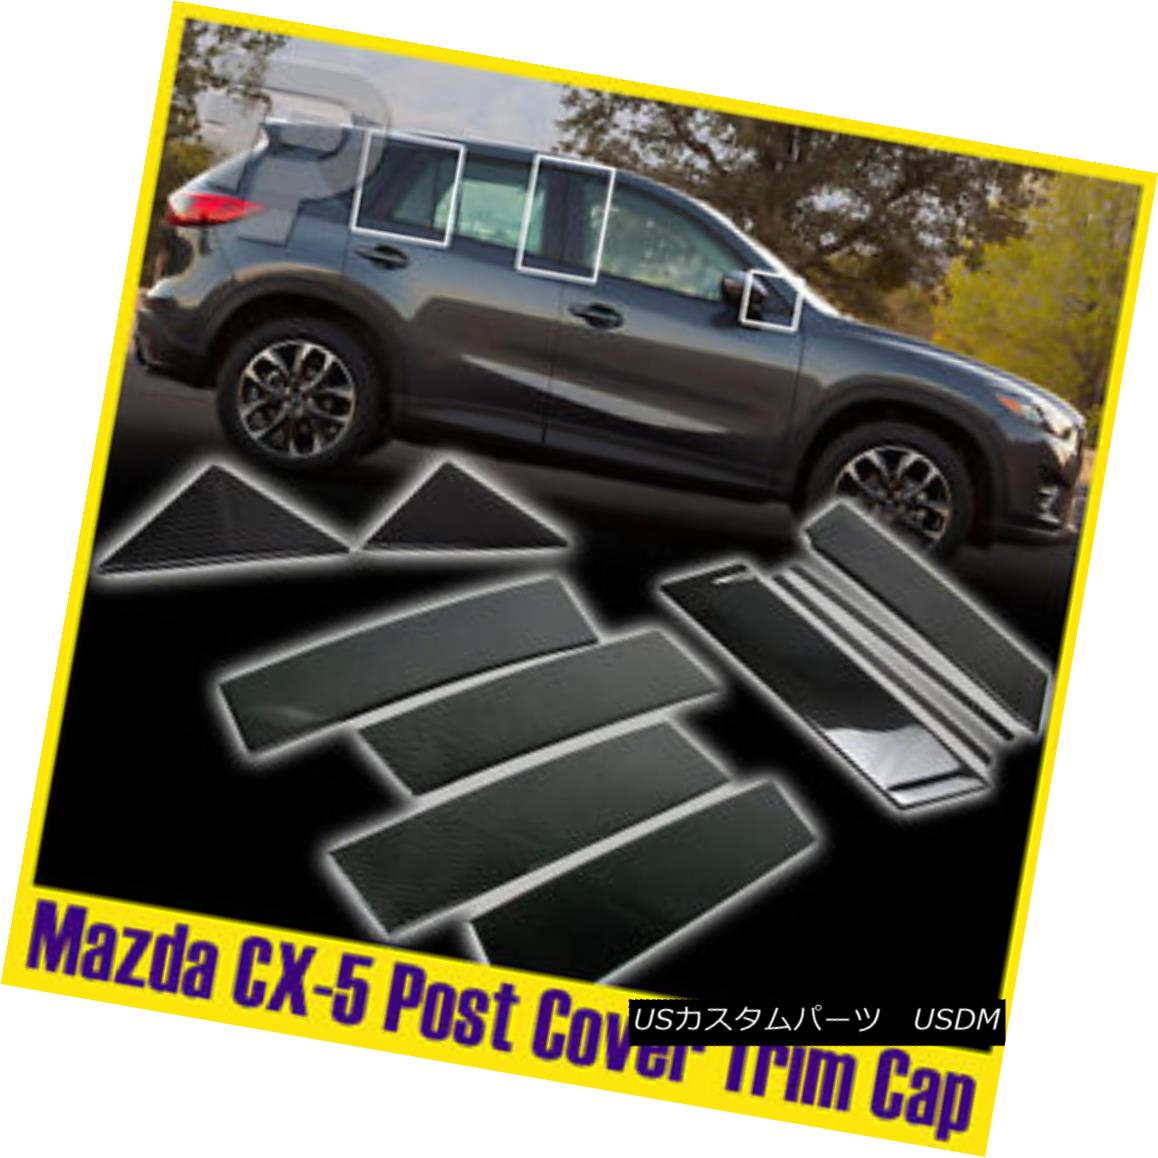 エアロパーツ FOR Mazda CX-5 CX5 SUV Hatchback Carbon Side Post Pillar Cover 2013 2016 Trim FOR Mazda CX-5 CX5 SUVハッチバックカーボンサイドポストピラーカバー2013 2016トリム